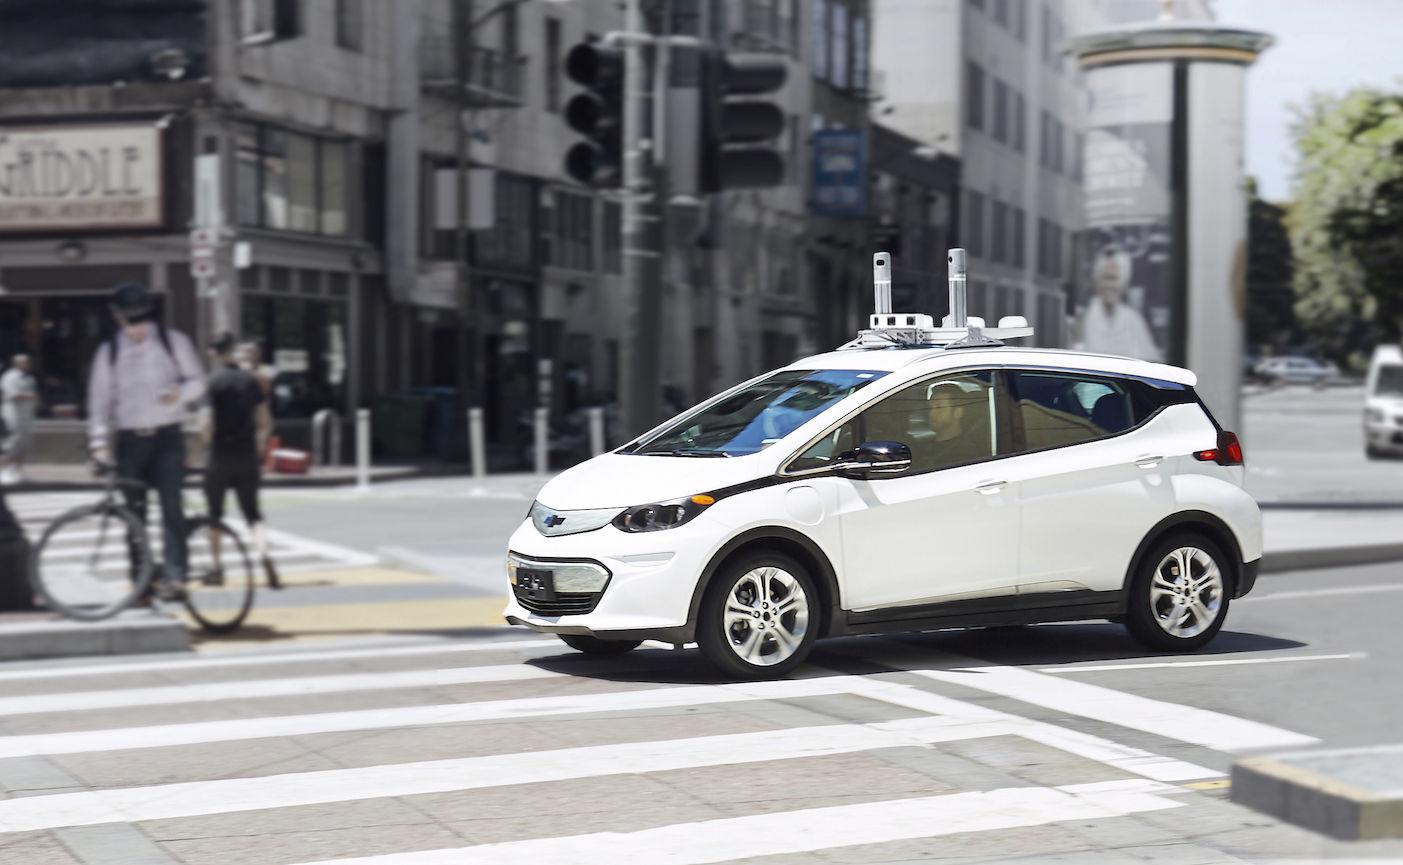 这个无人车路测视频的背后是通用汽车 6 亿美金的巨额收购